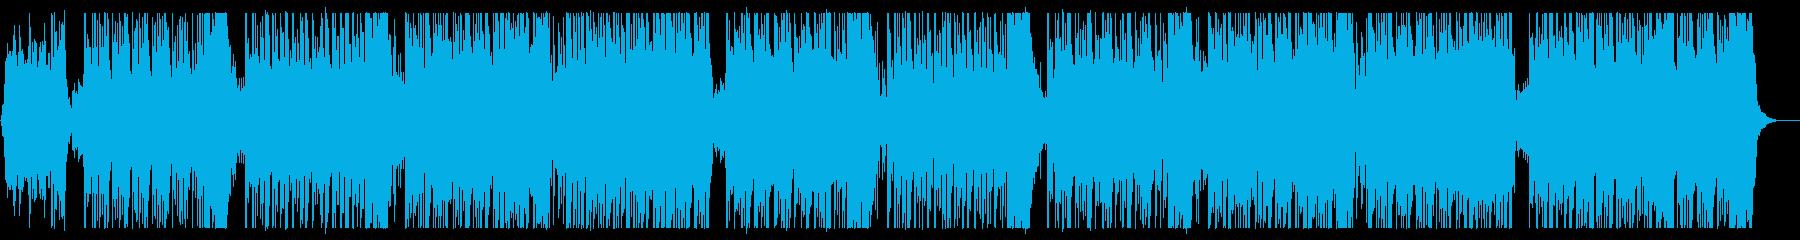 心地よくてぬくもりあるメロディーの再生済みの波形